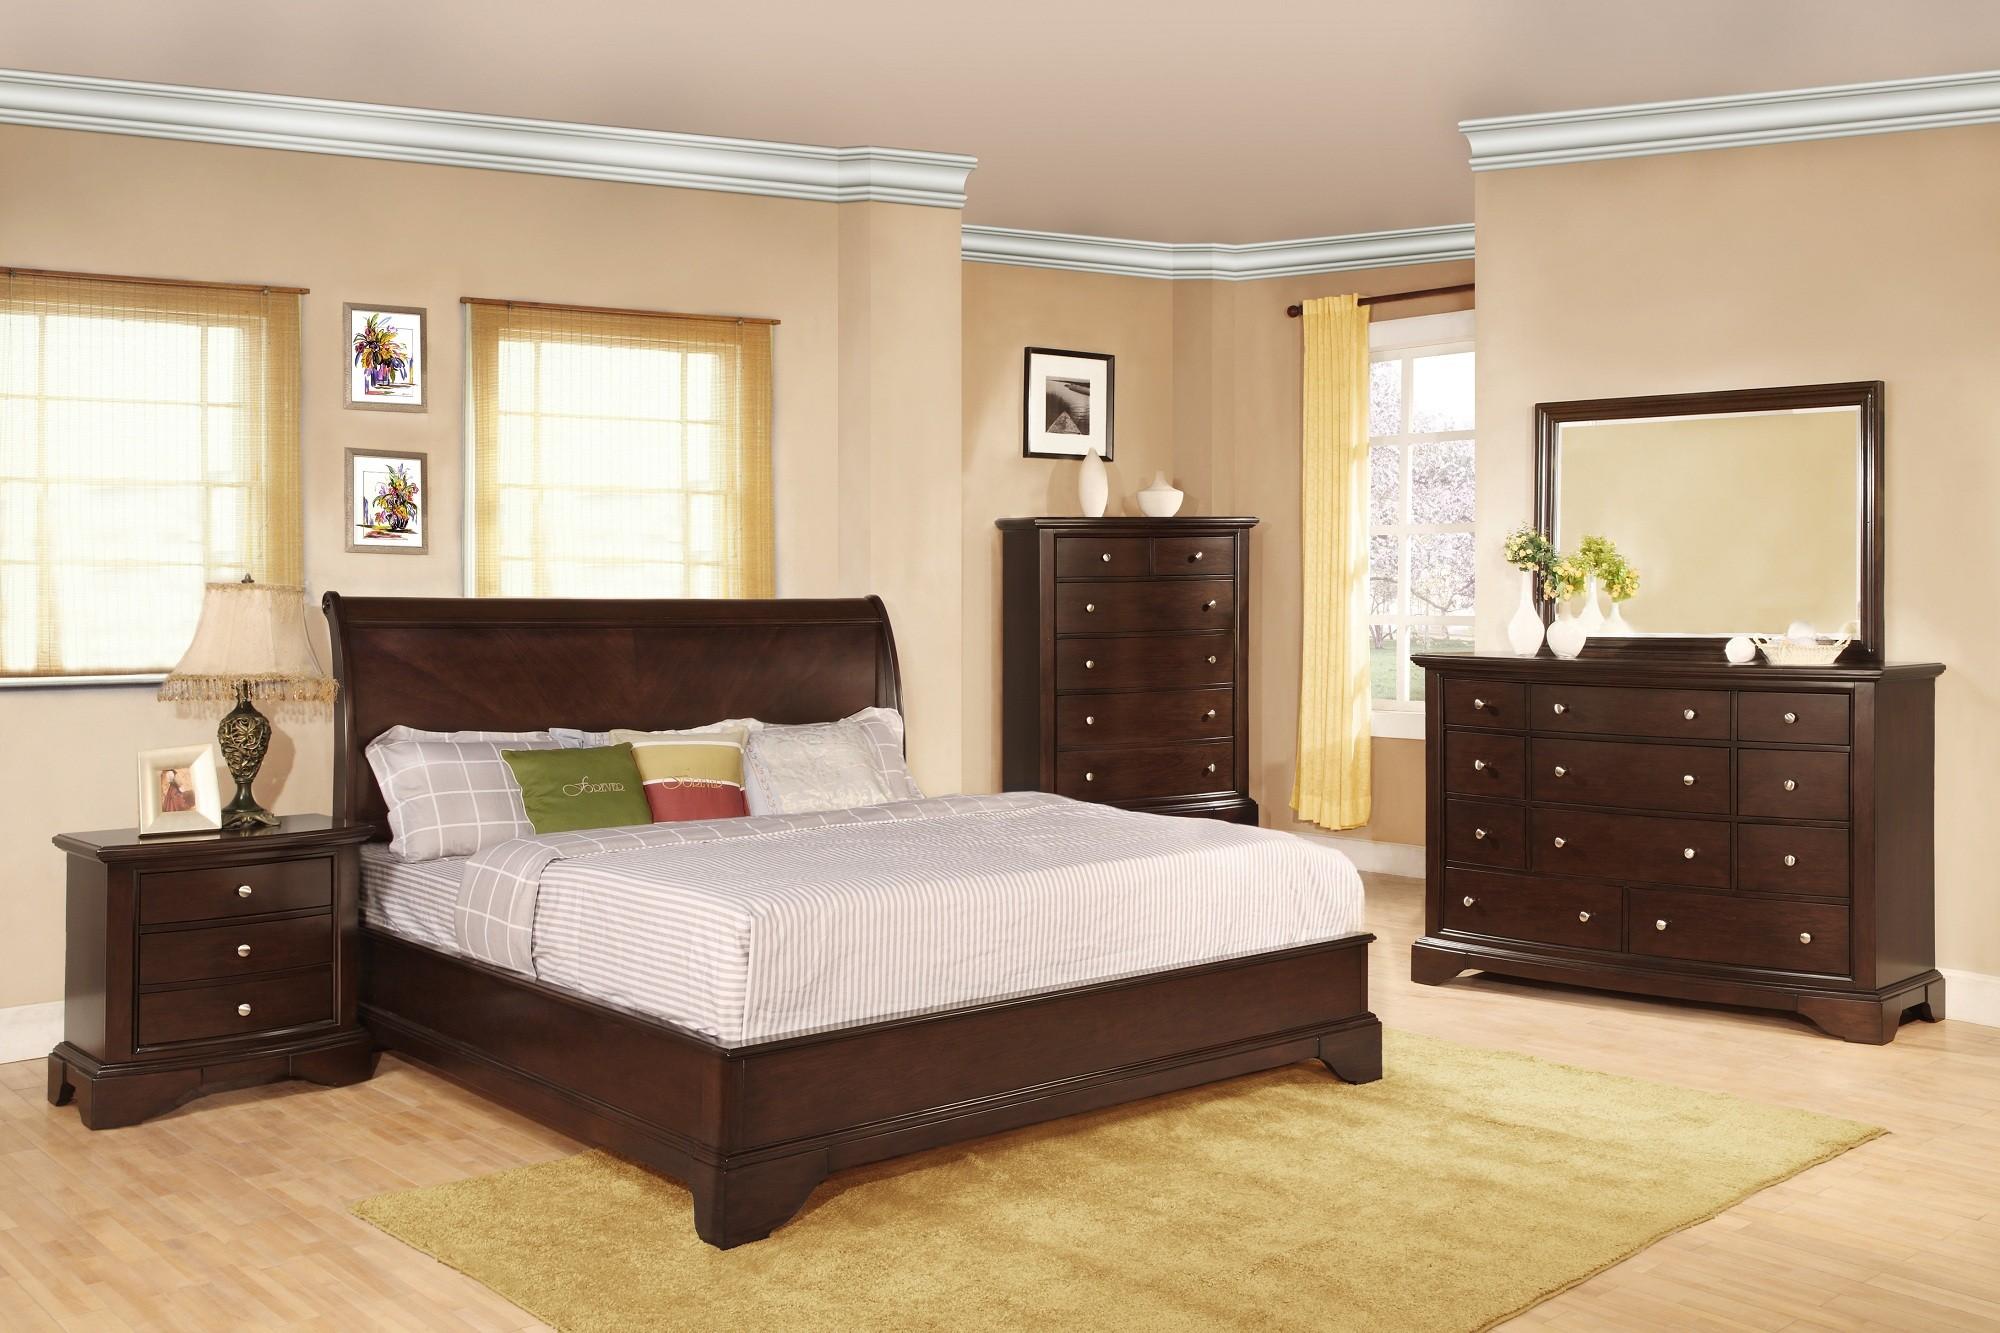 صورة الوان غرف النوم , الوان غرف نوم مدهشه